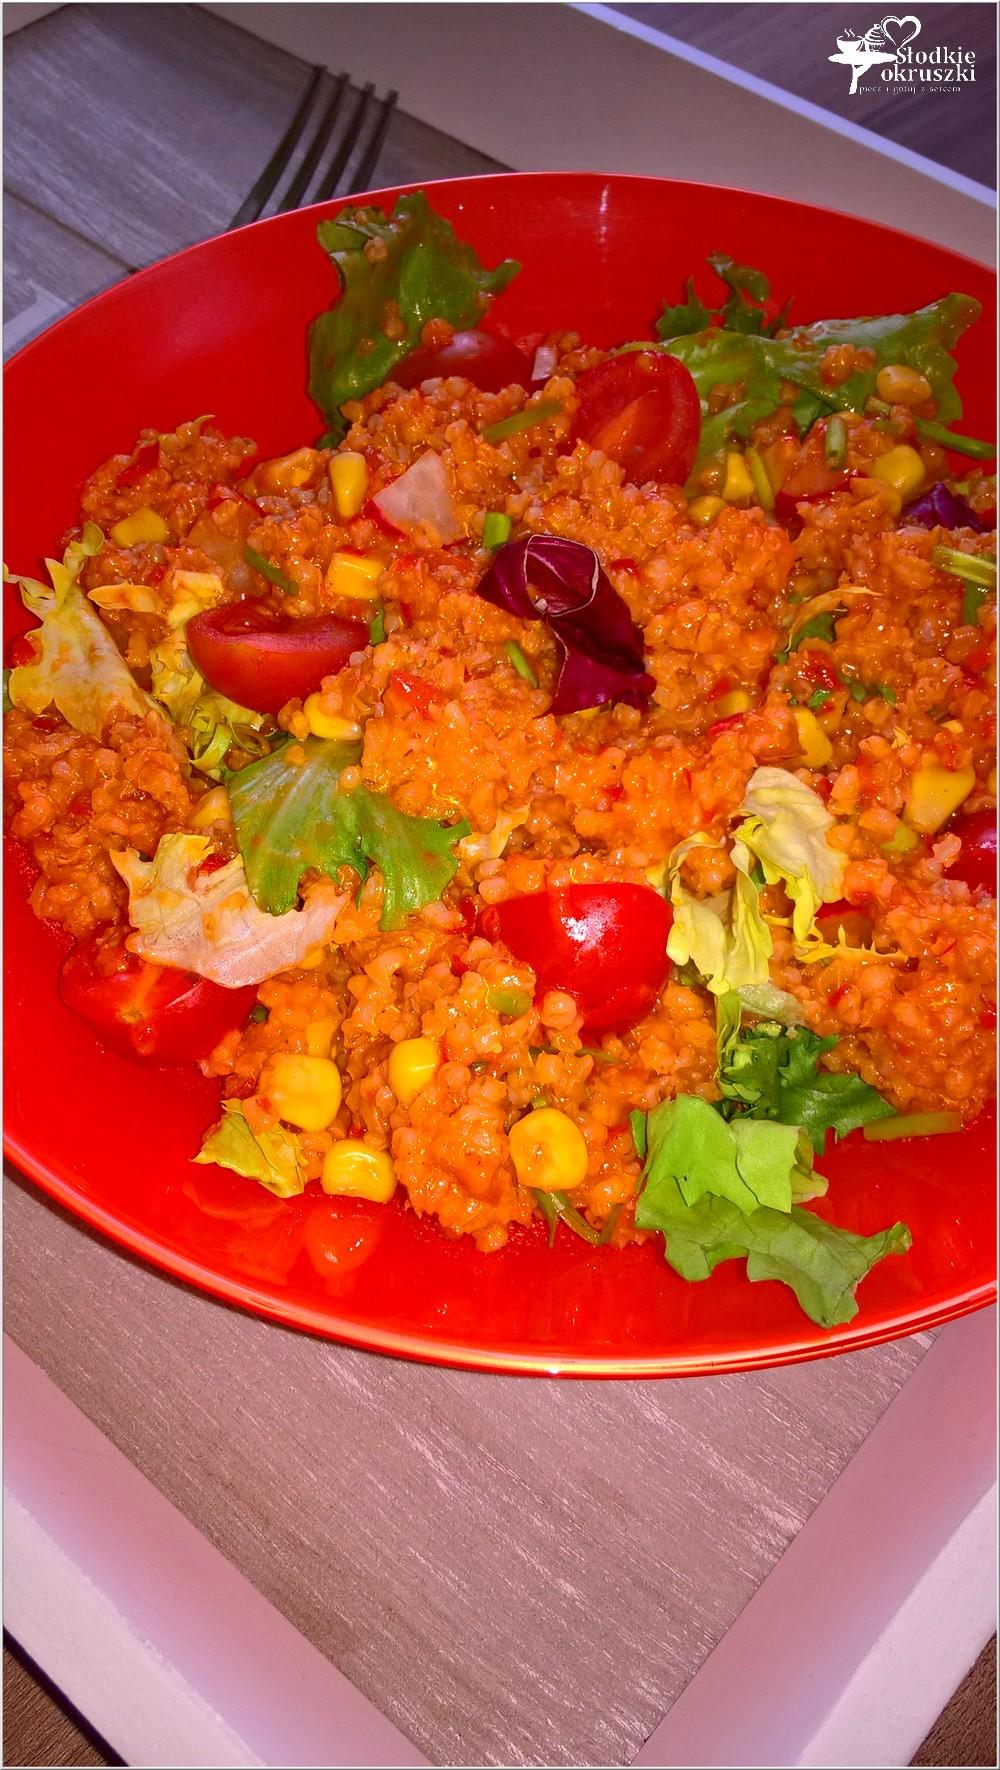 Zdrowa sałatka na bazie kaszy jęczmiennej (z ajvarem) (3)